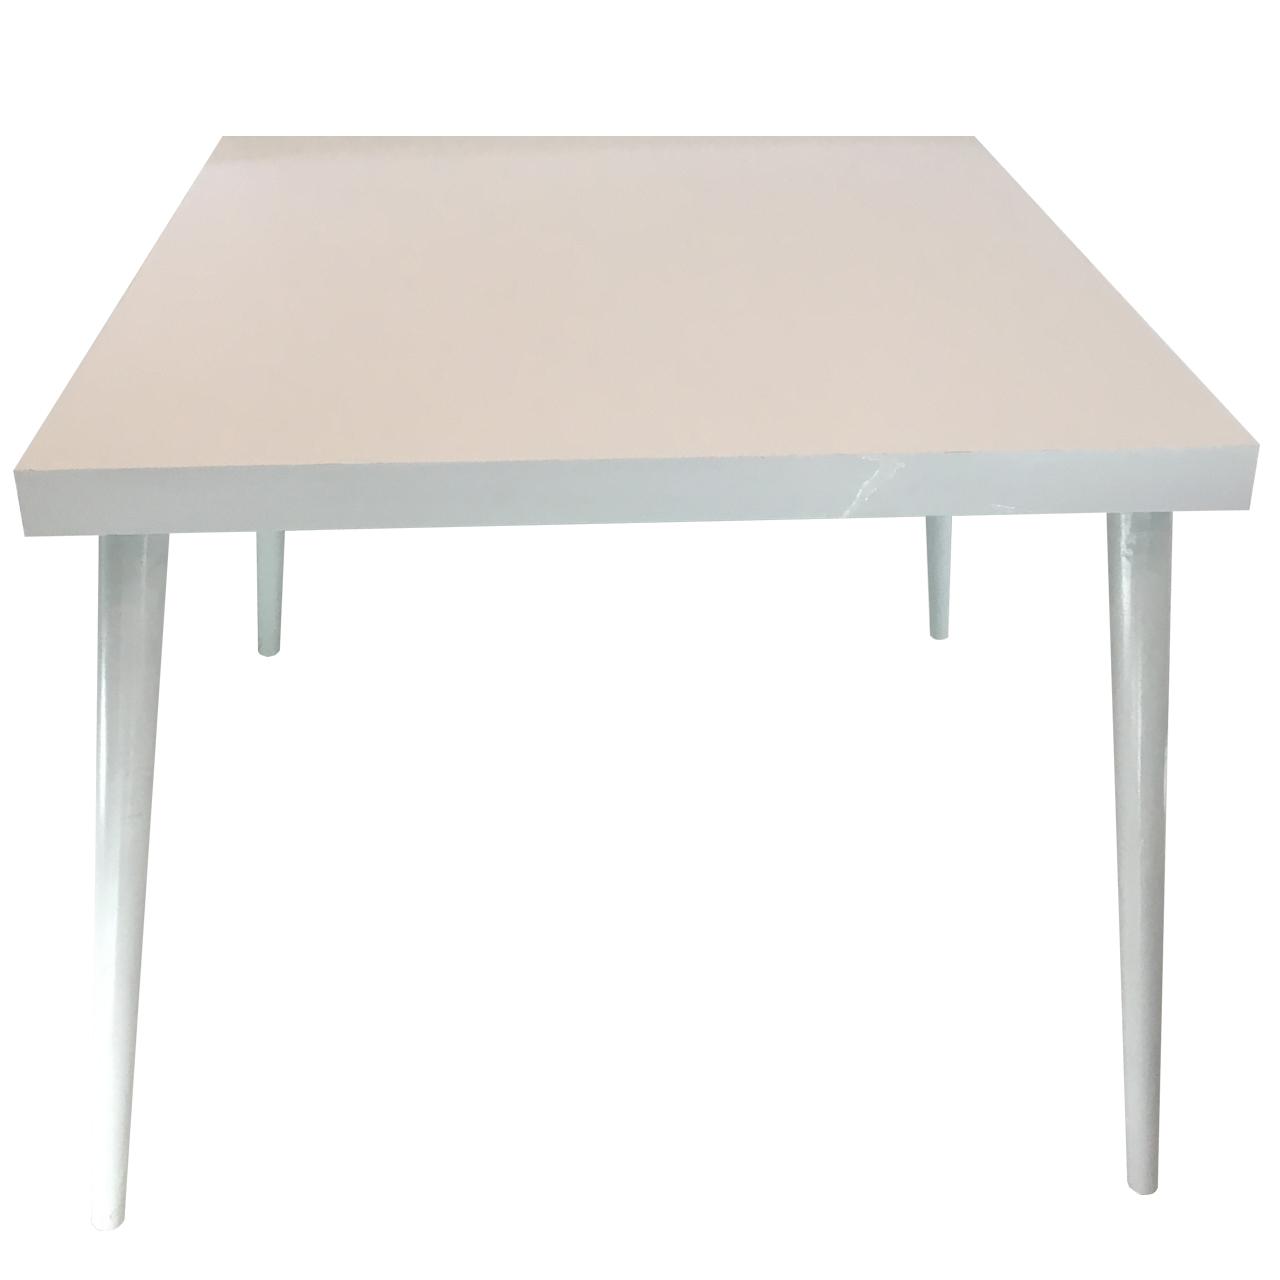 میز نهارخوری کد 01